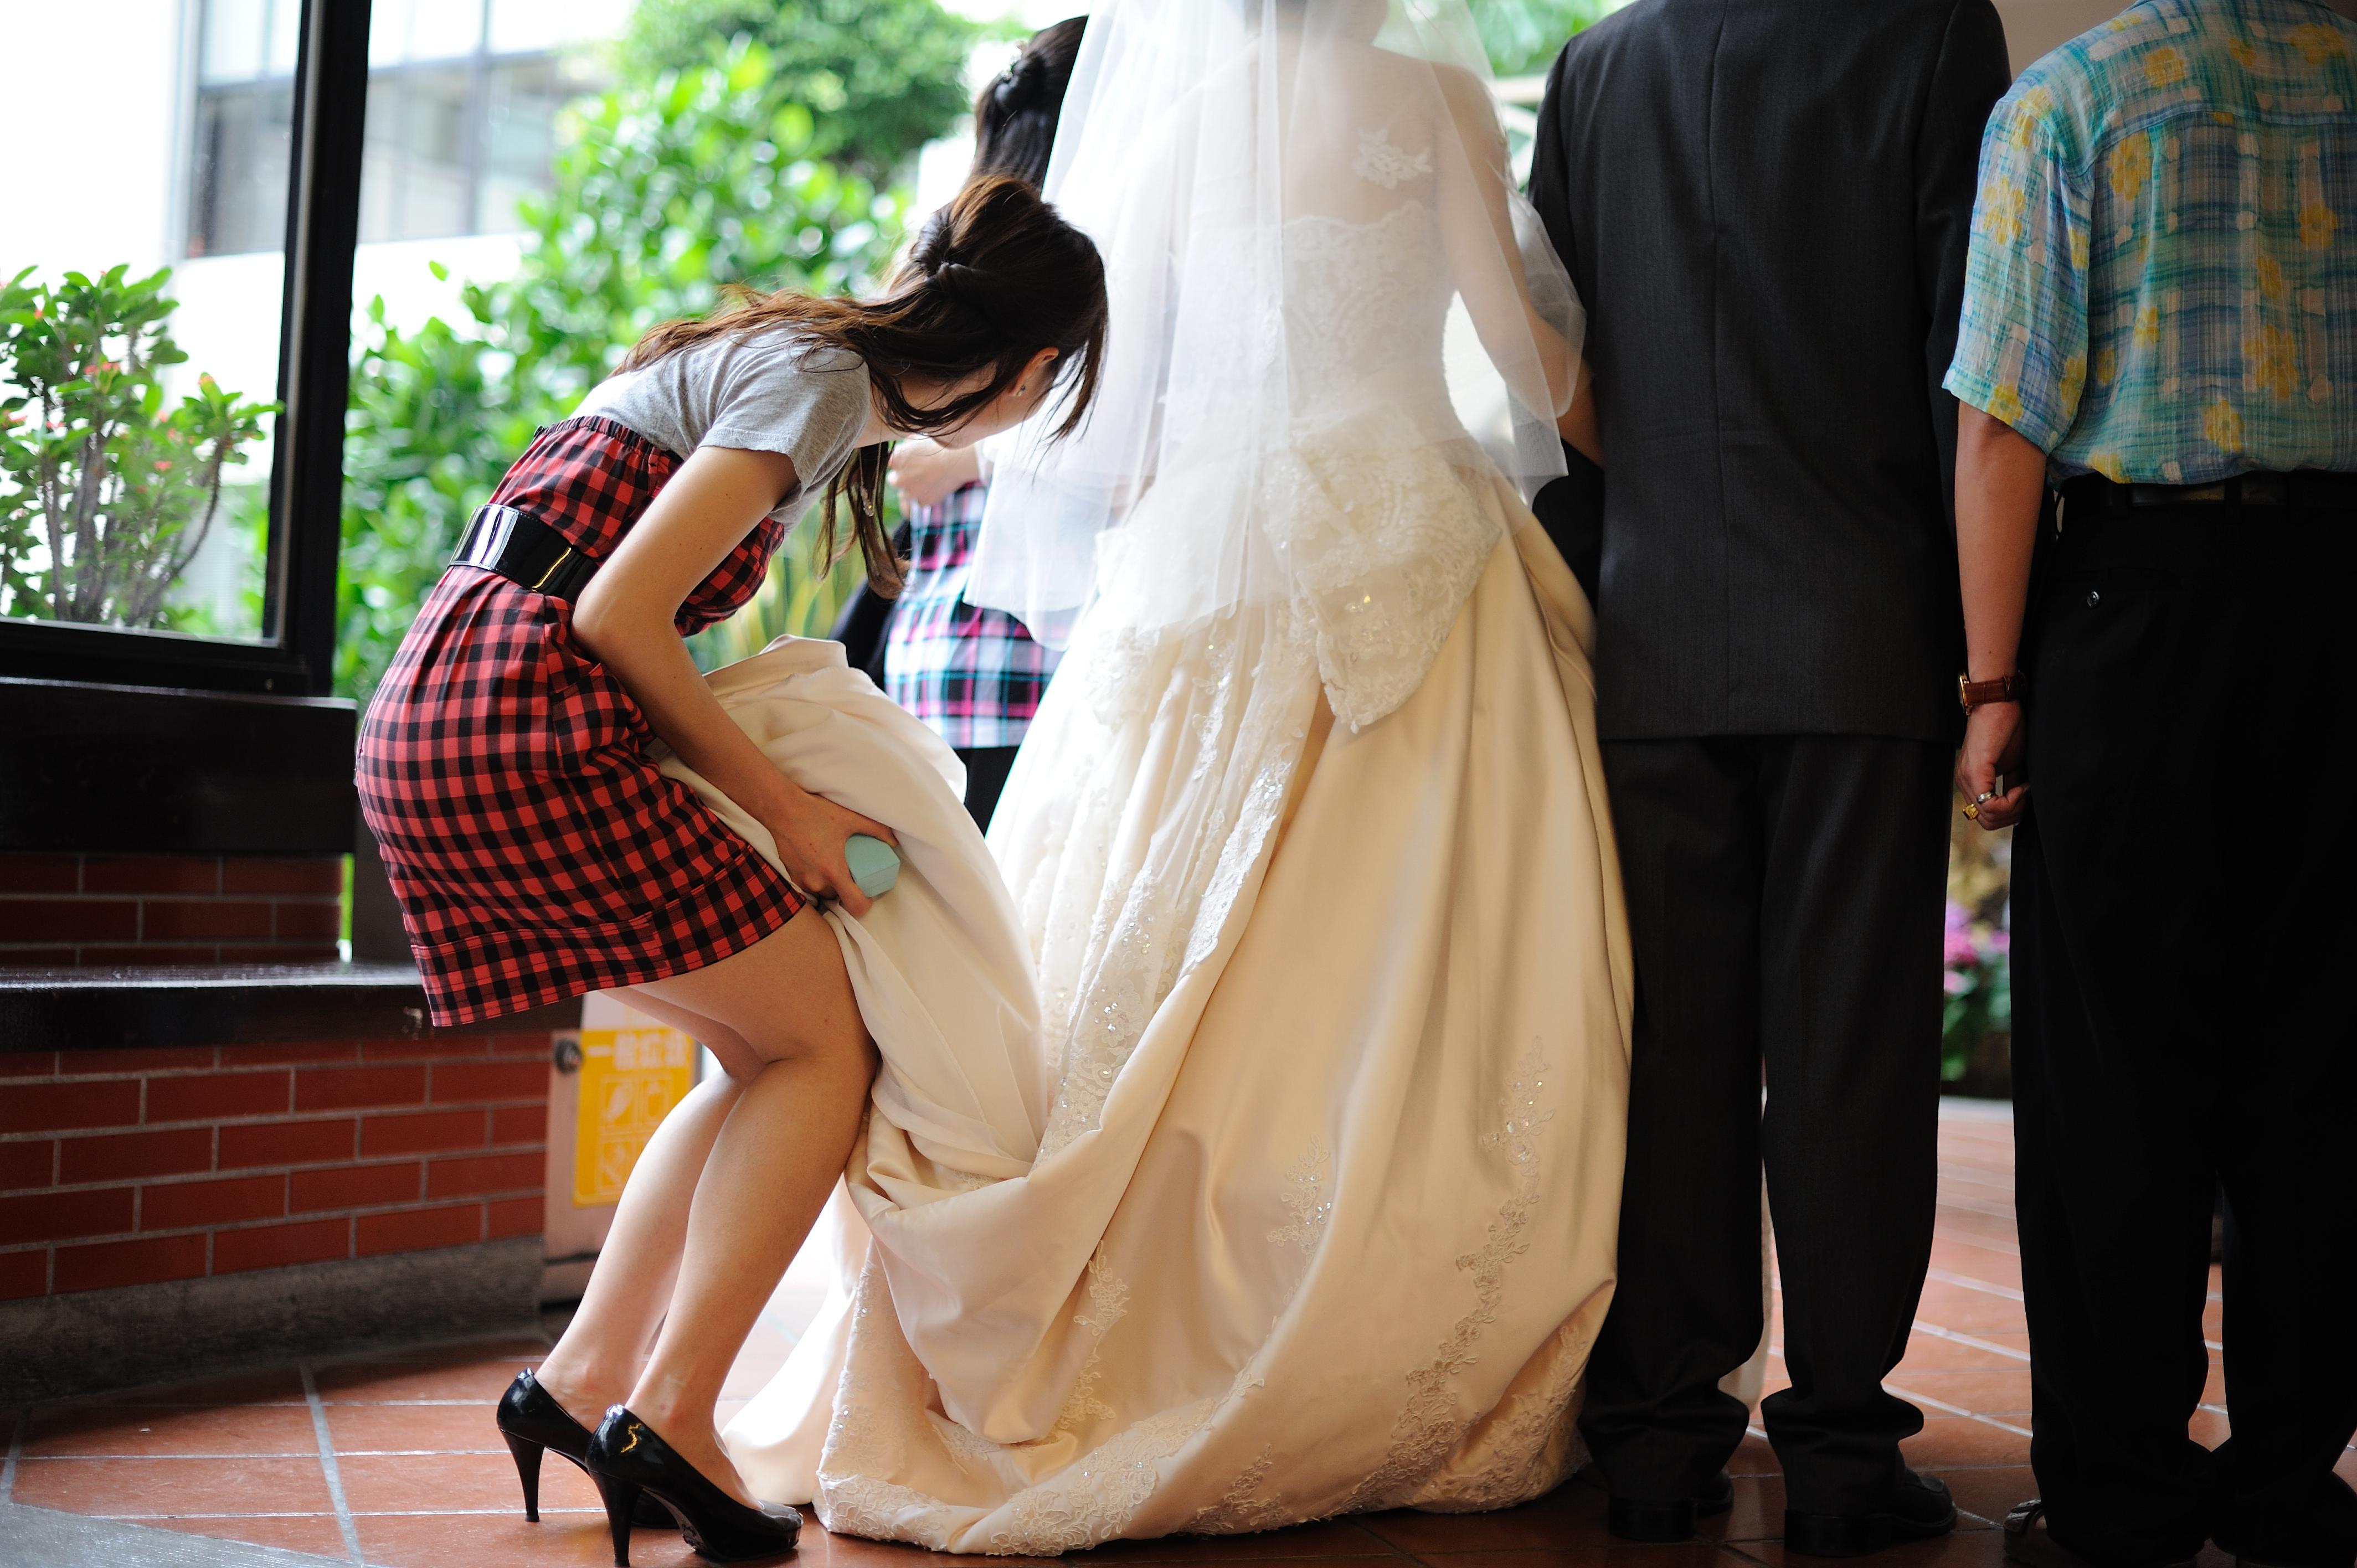 婚禮中的小插曲